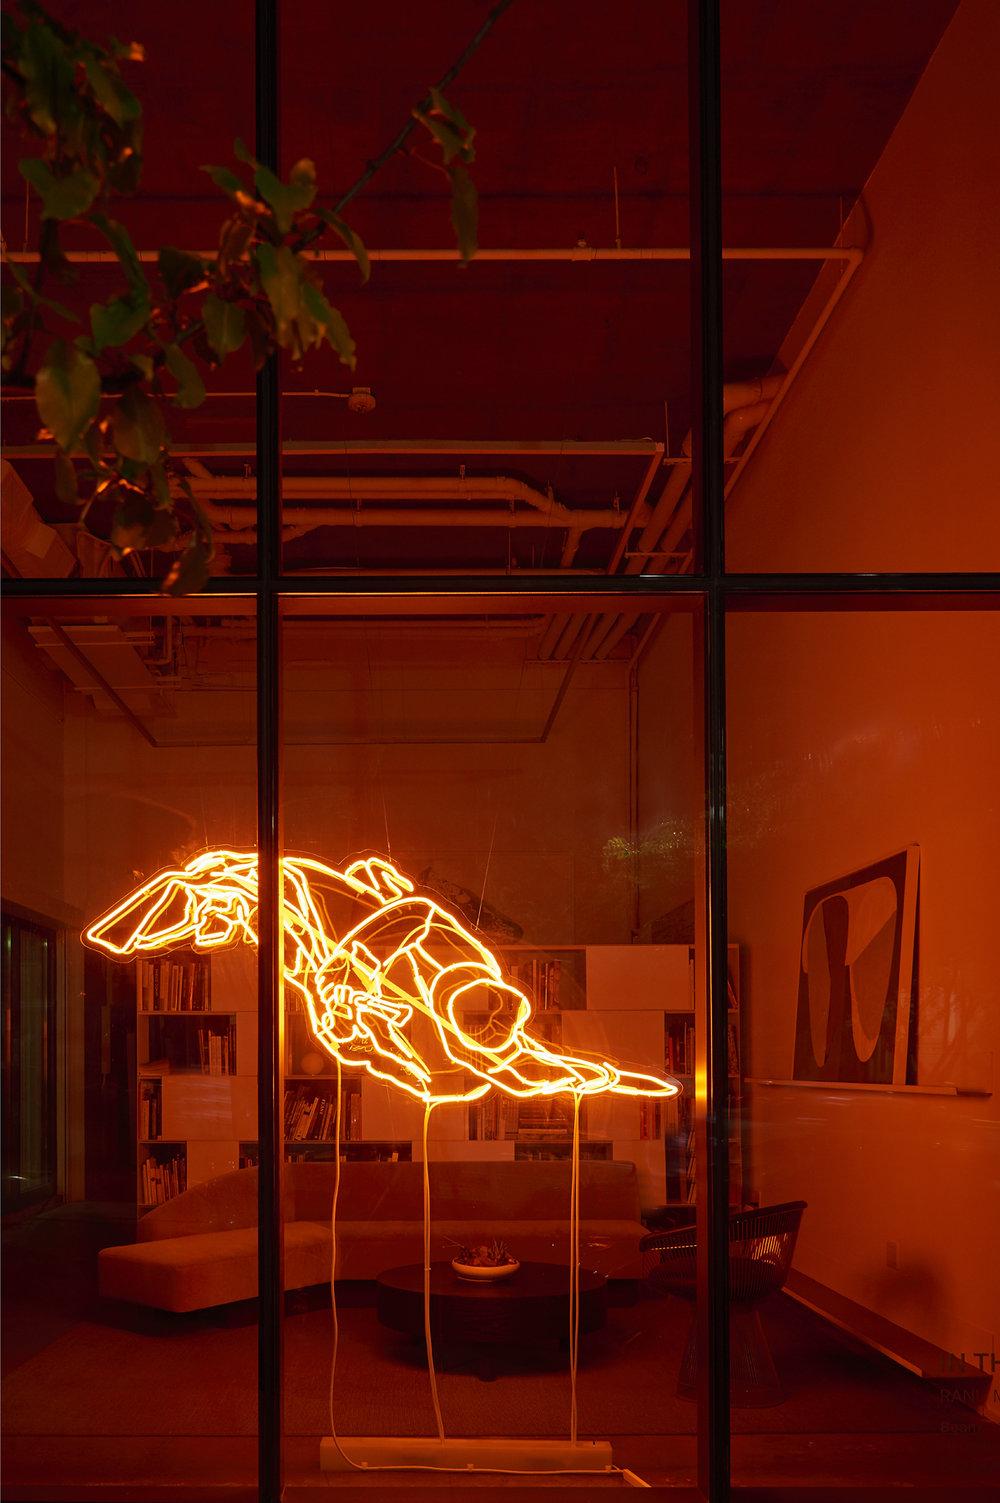 GALLERY WENDI NORRIS IN THE WINDOW   Ranu Mukherjee | Beam   Fall 2018 | Gallery Wendi Norris Headquarters, San Francisco, CA